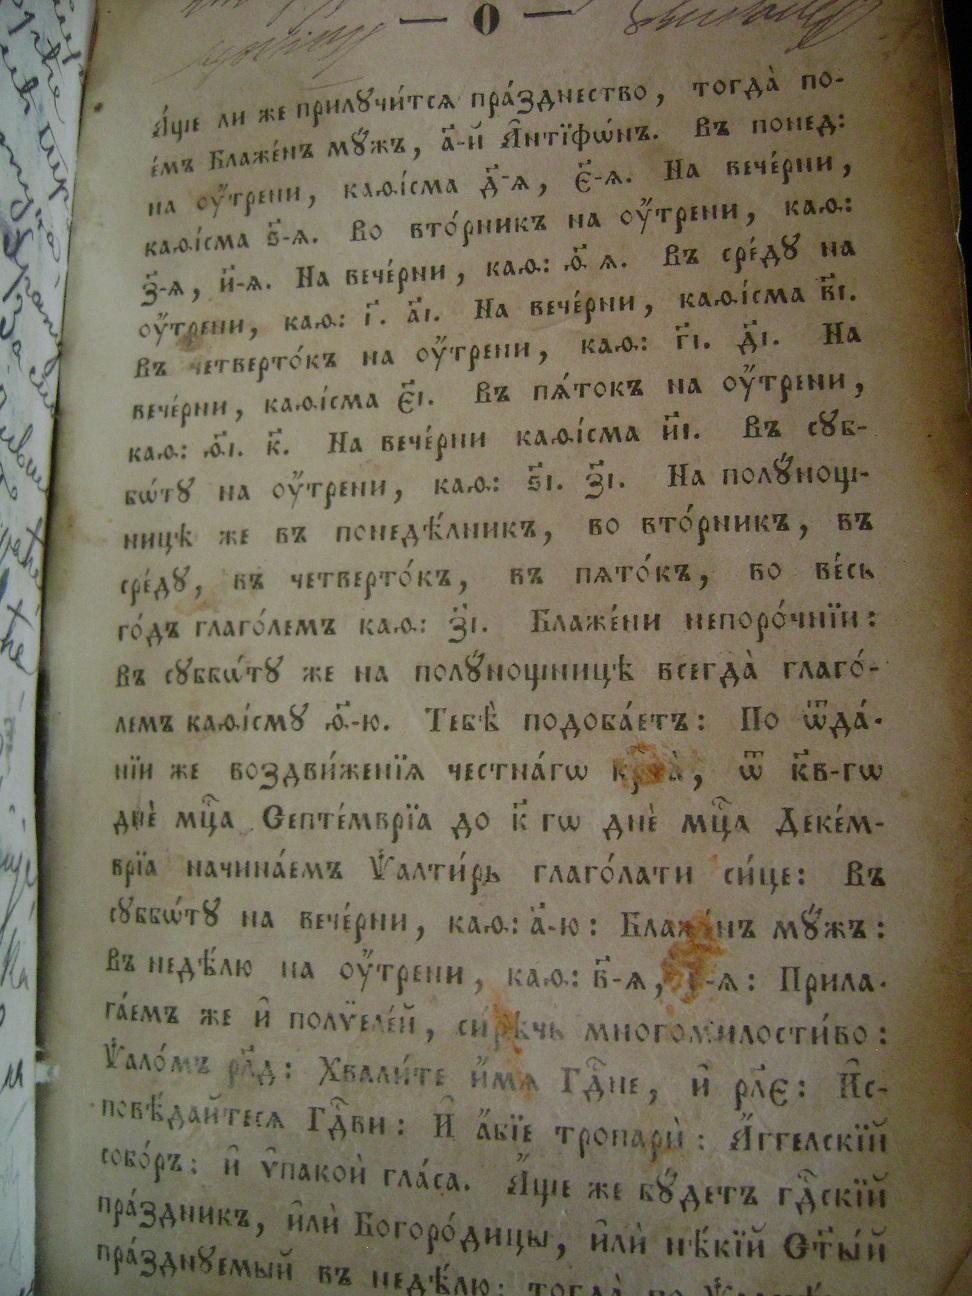 MOLITVENIK_1877_4.JPG